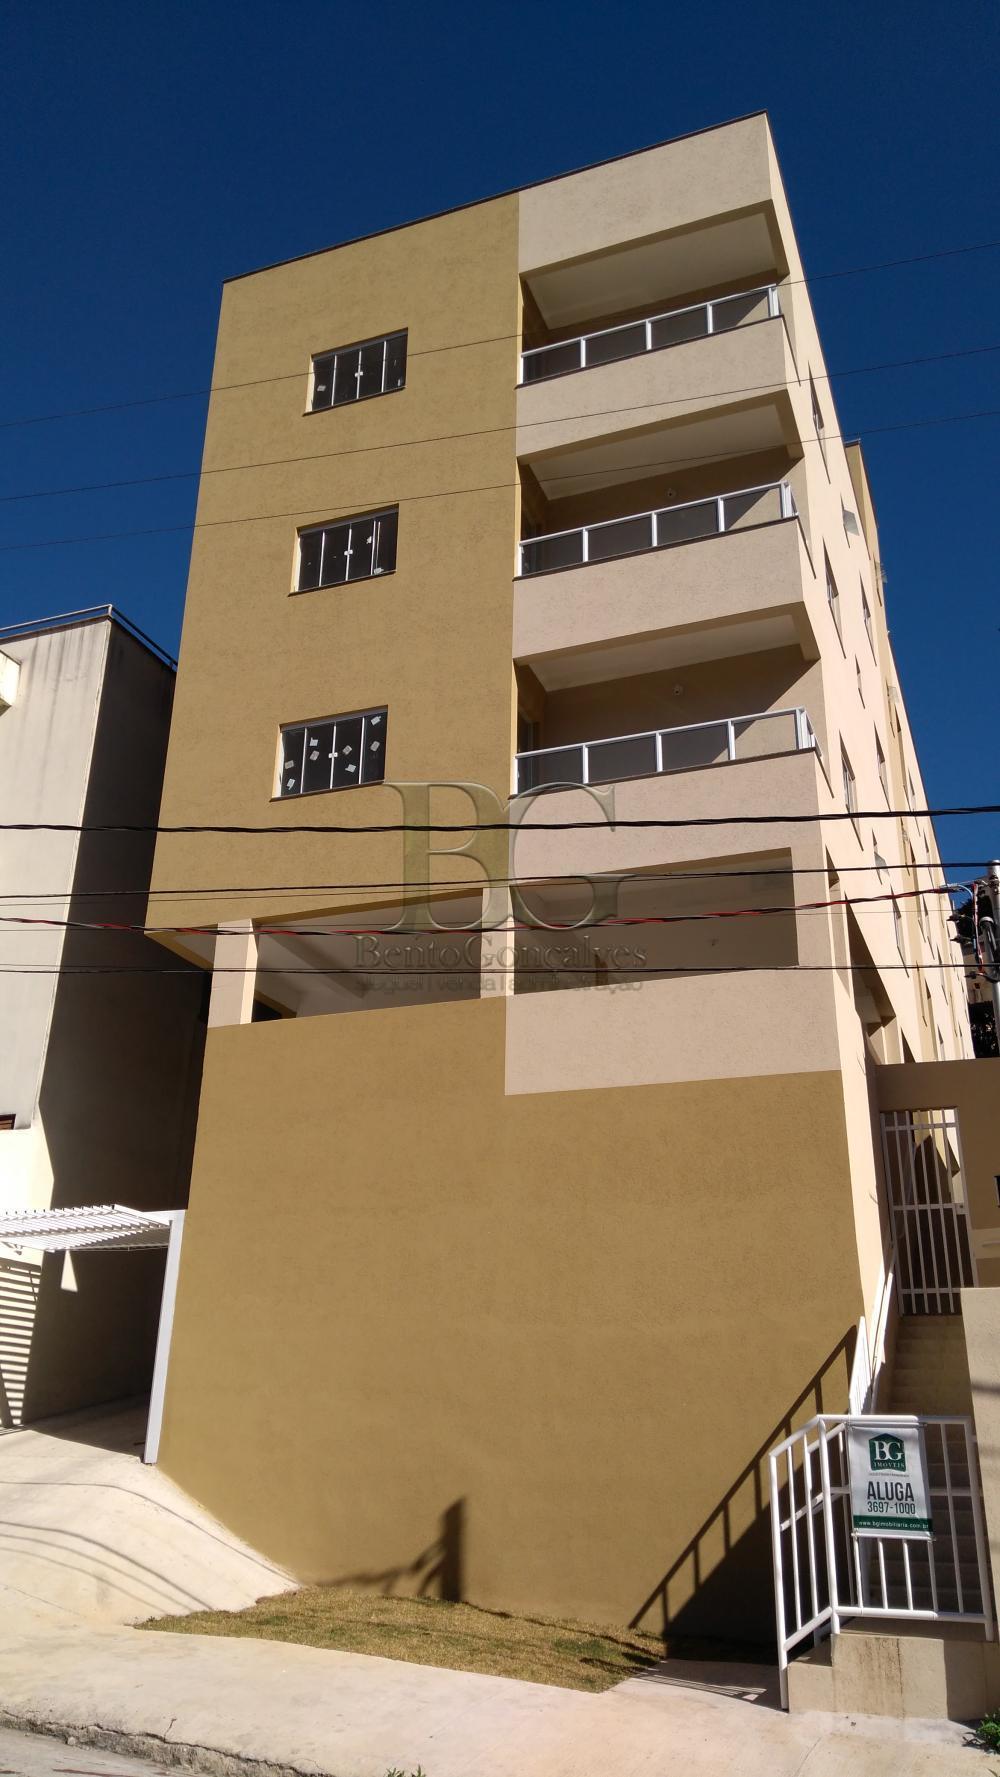 Alugar Apartamentos / Padrão em Poços de Caldas apenas R$ 1.100,00 - Foto 1